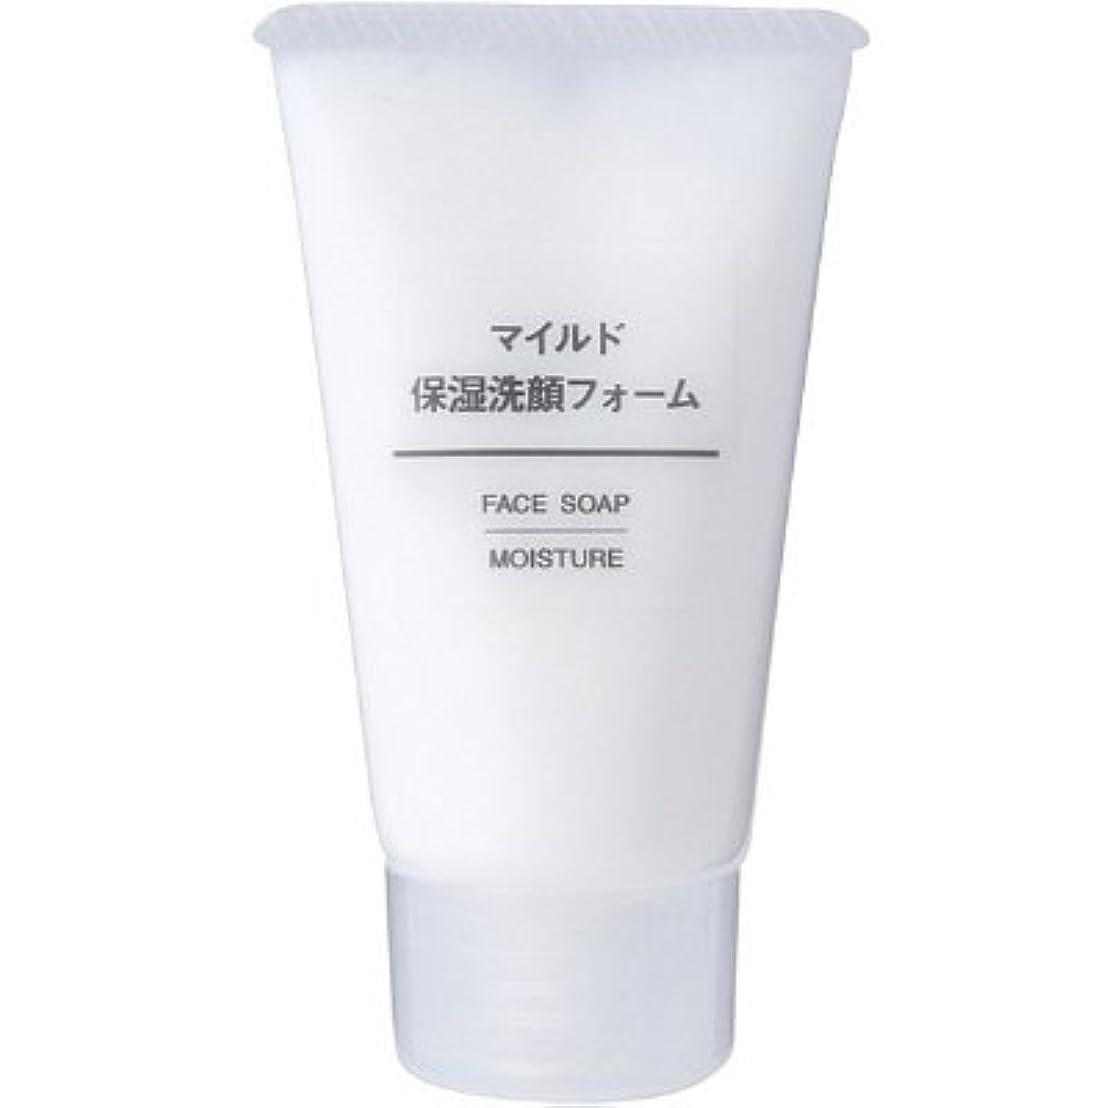 メカニックカリングライラックマイルド保湿洗顔フォーム(携帯用) 30g 無印良品